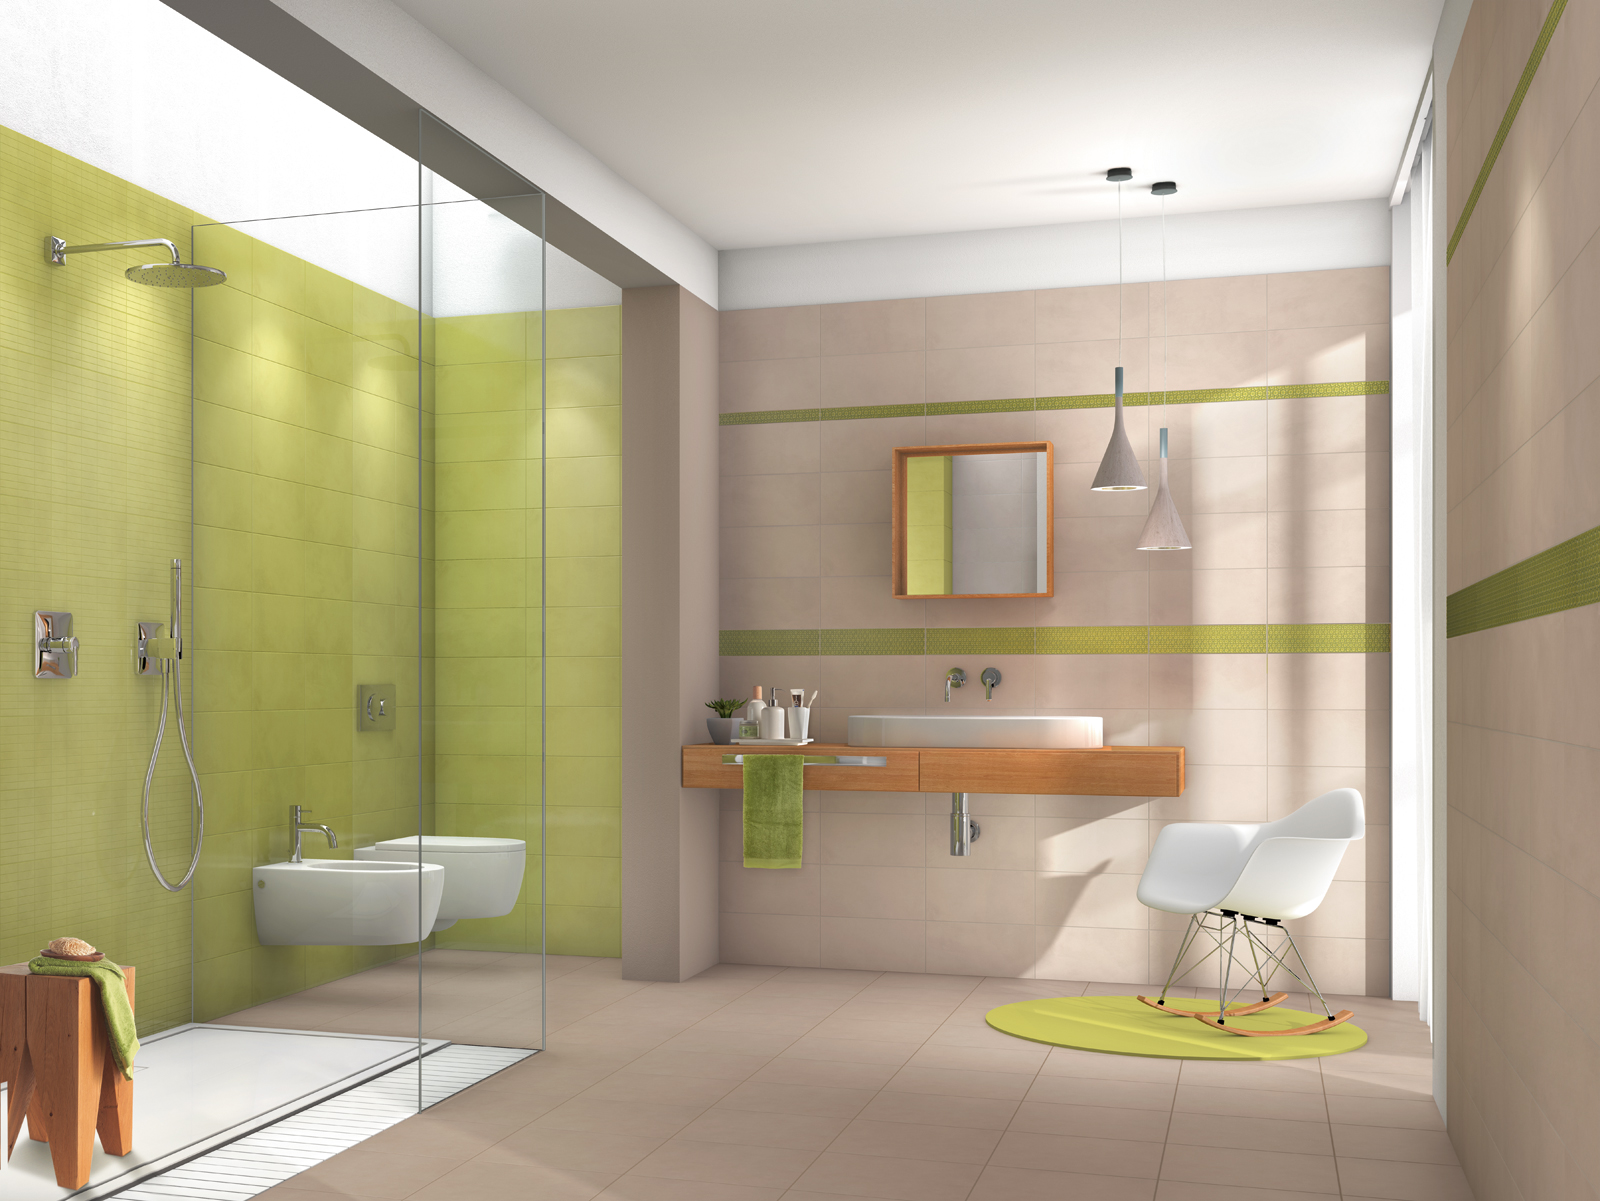 Covent Garden - piastrelle per rivestimenti bagni e cucine